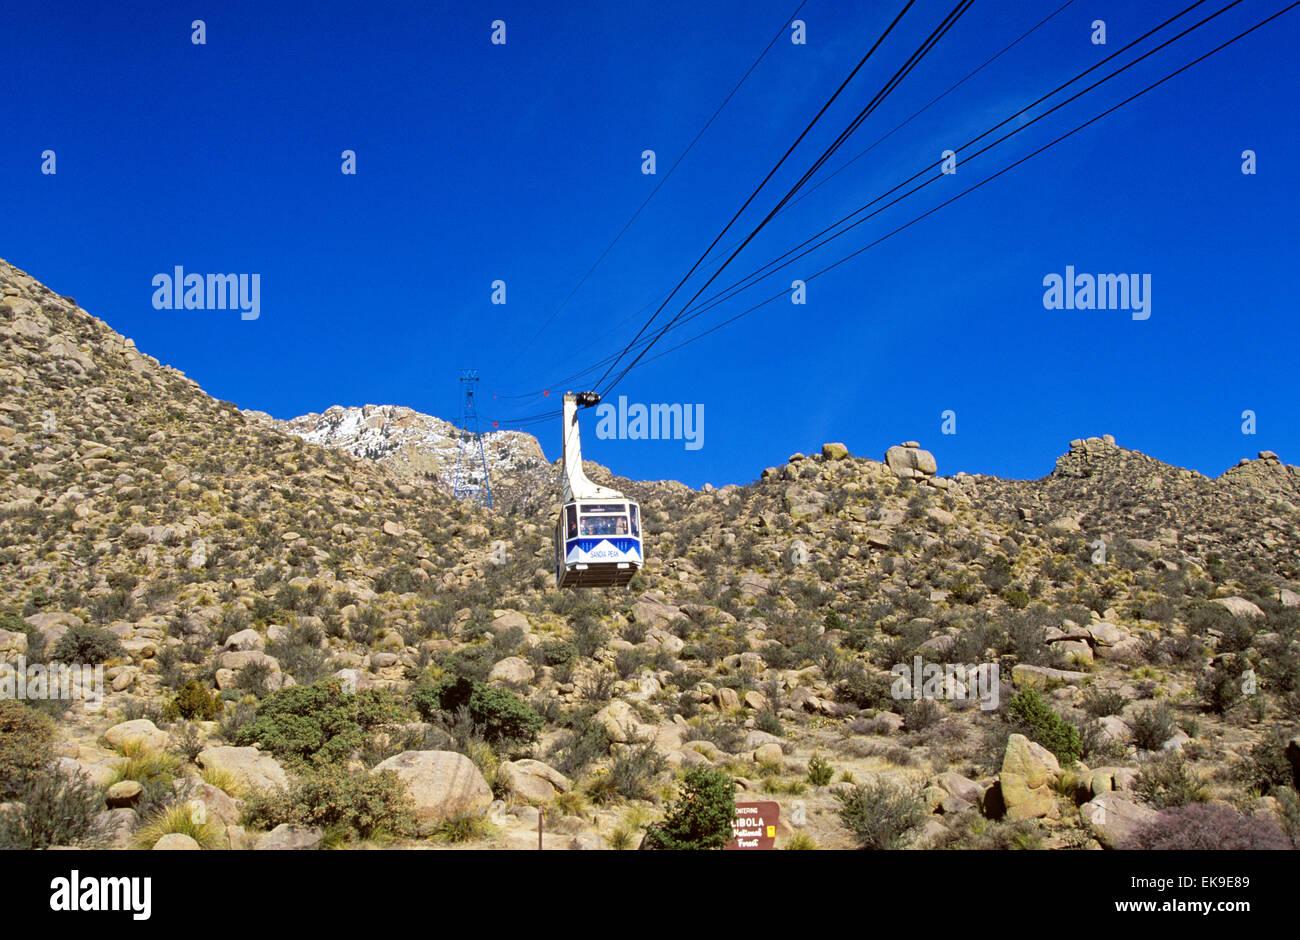 Albuquerque velocità datazione che cosa fa uso appuntamenti assoluti